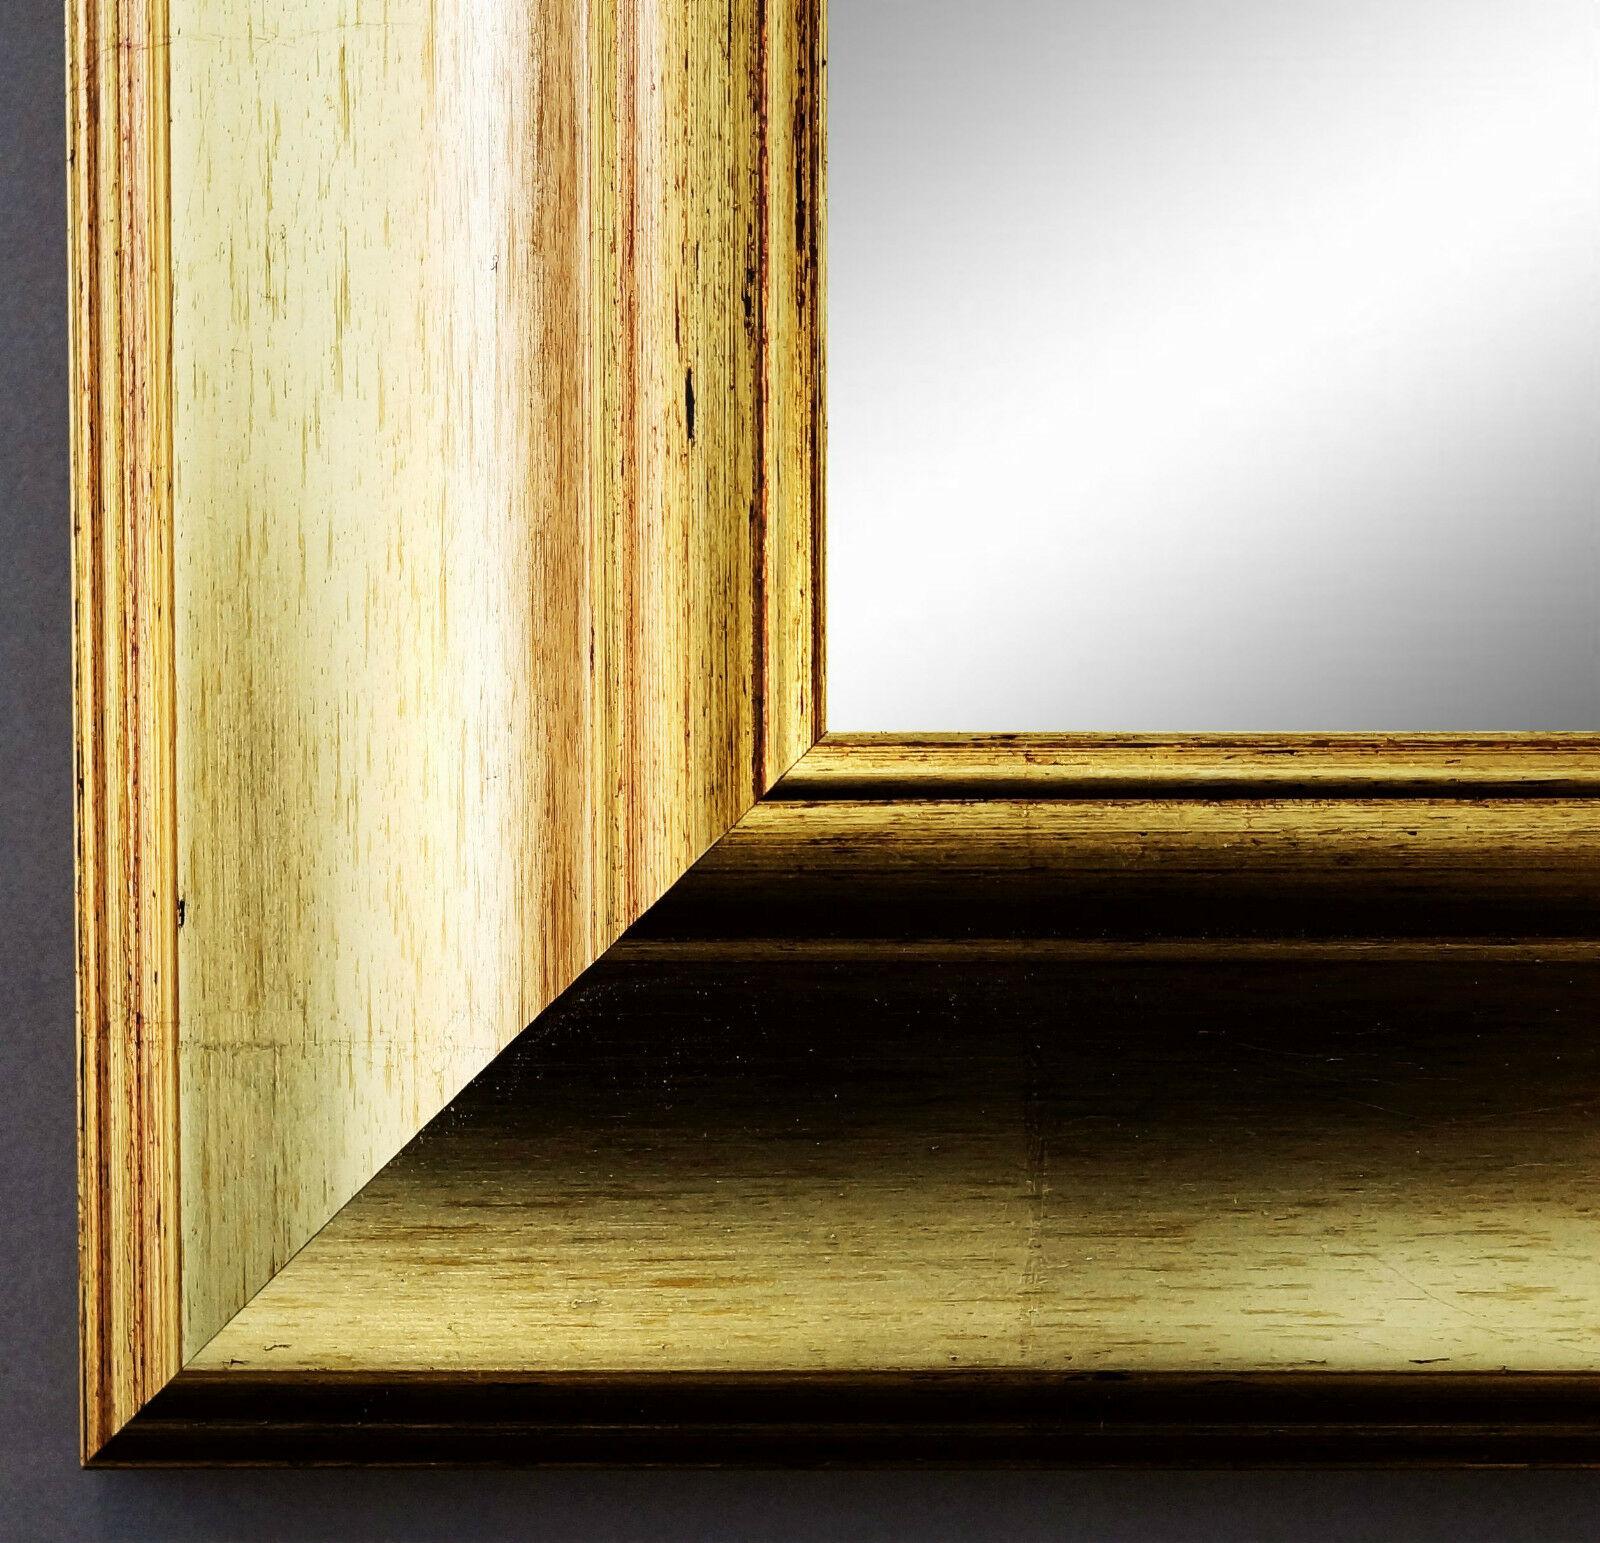 Spiegel Gold Antik Barock Wandspiegel Bad Flur Garderobe Landhaus